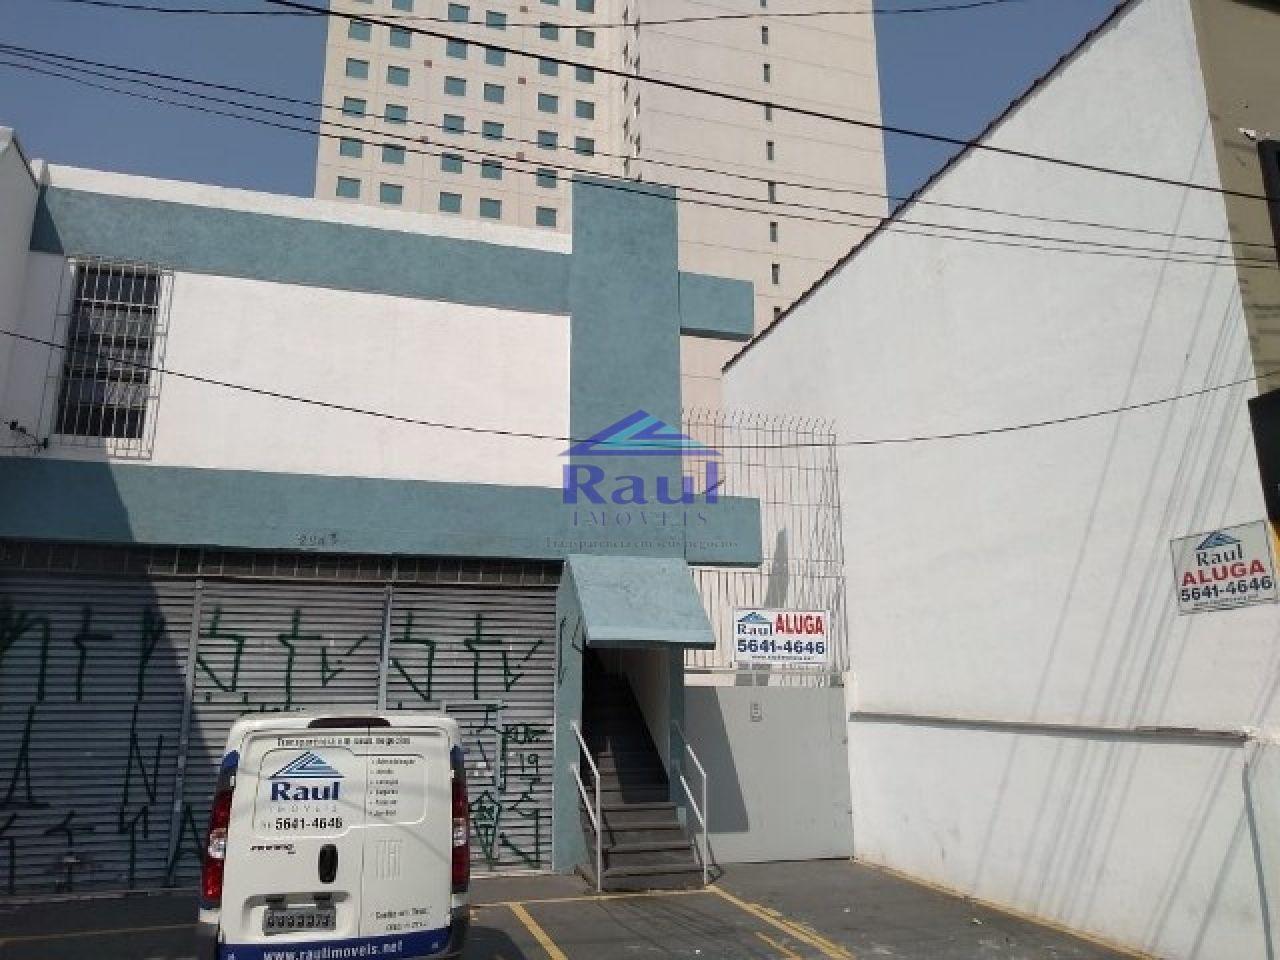 Sobreloja para Locação - Chácara Santo Antônio Zona Sul